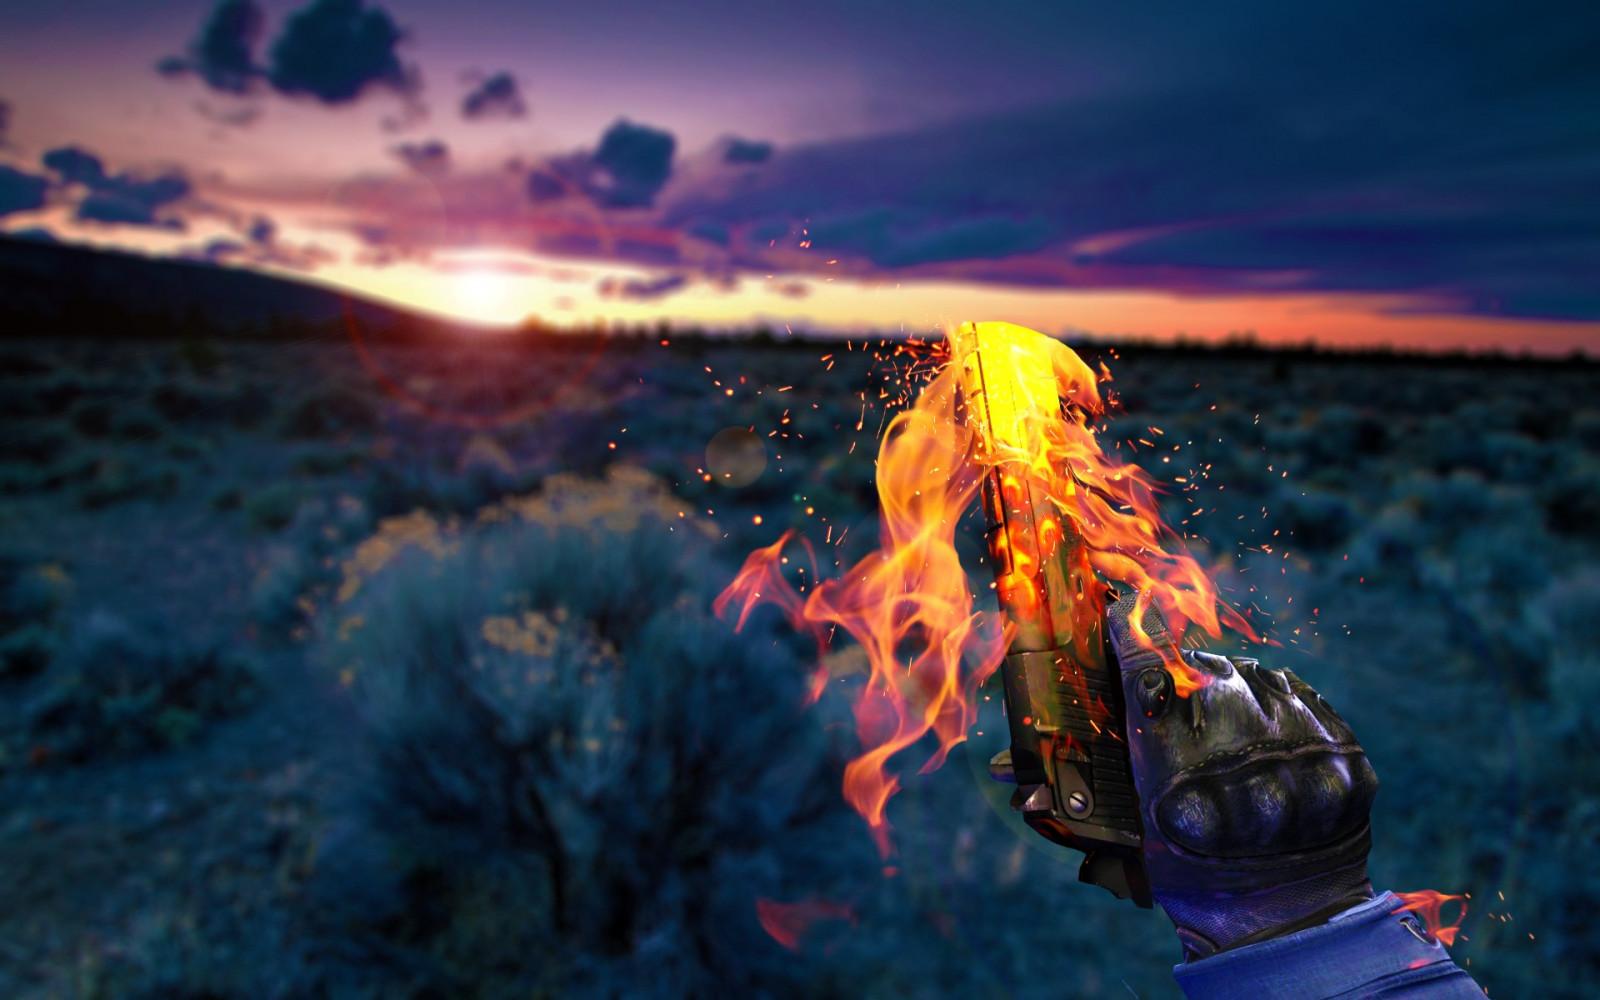 Kto je ASA od šírvánšáhov západu slnka datovania 2016